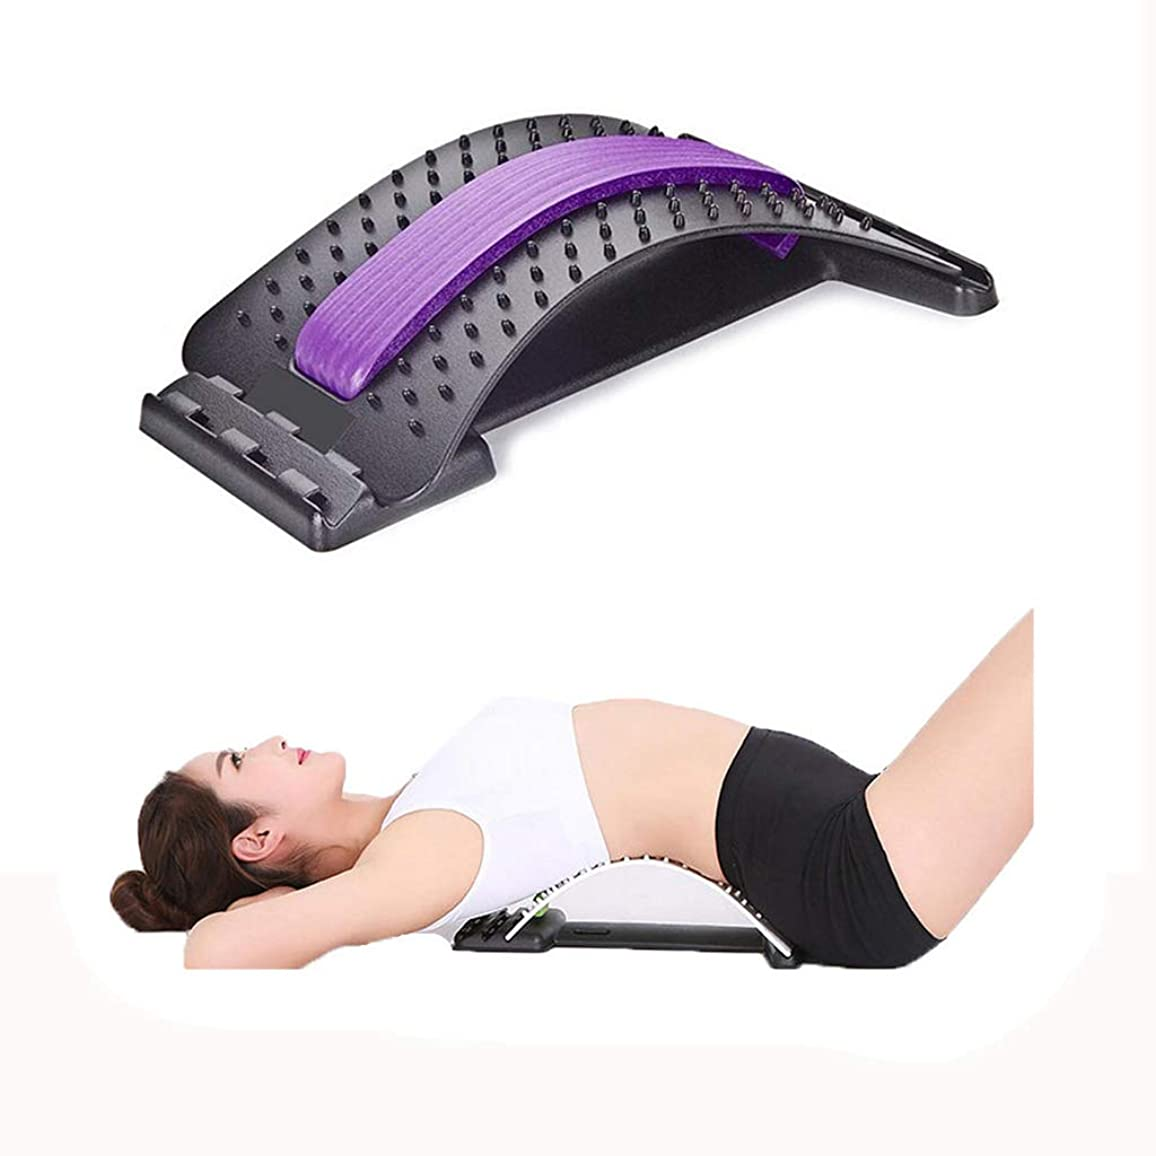 エキスパート保全ベースストレッチ装置背中マッサージ器マジック伸縮器フィットネス腰椎サポートリラクゼーション脊柱痛緩和 (色 : C)